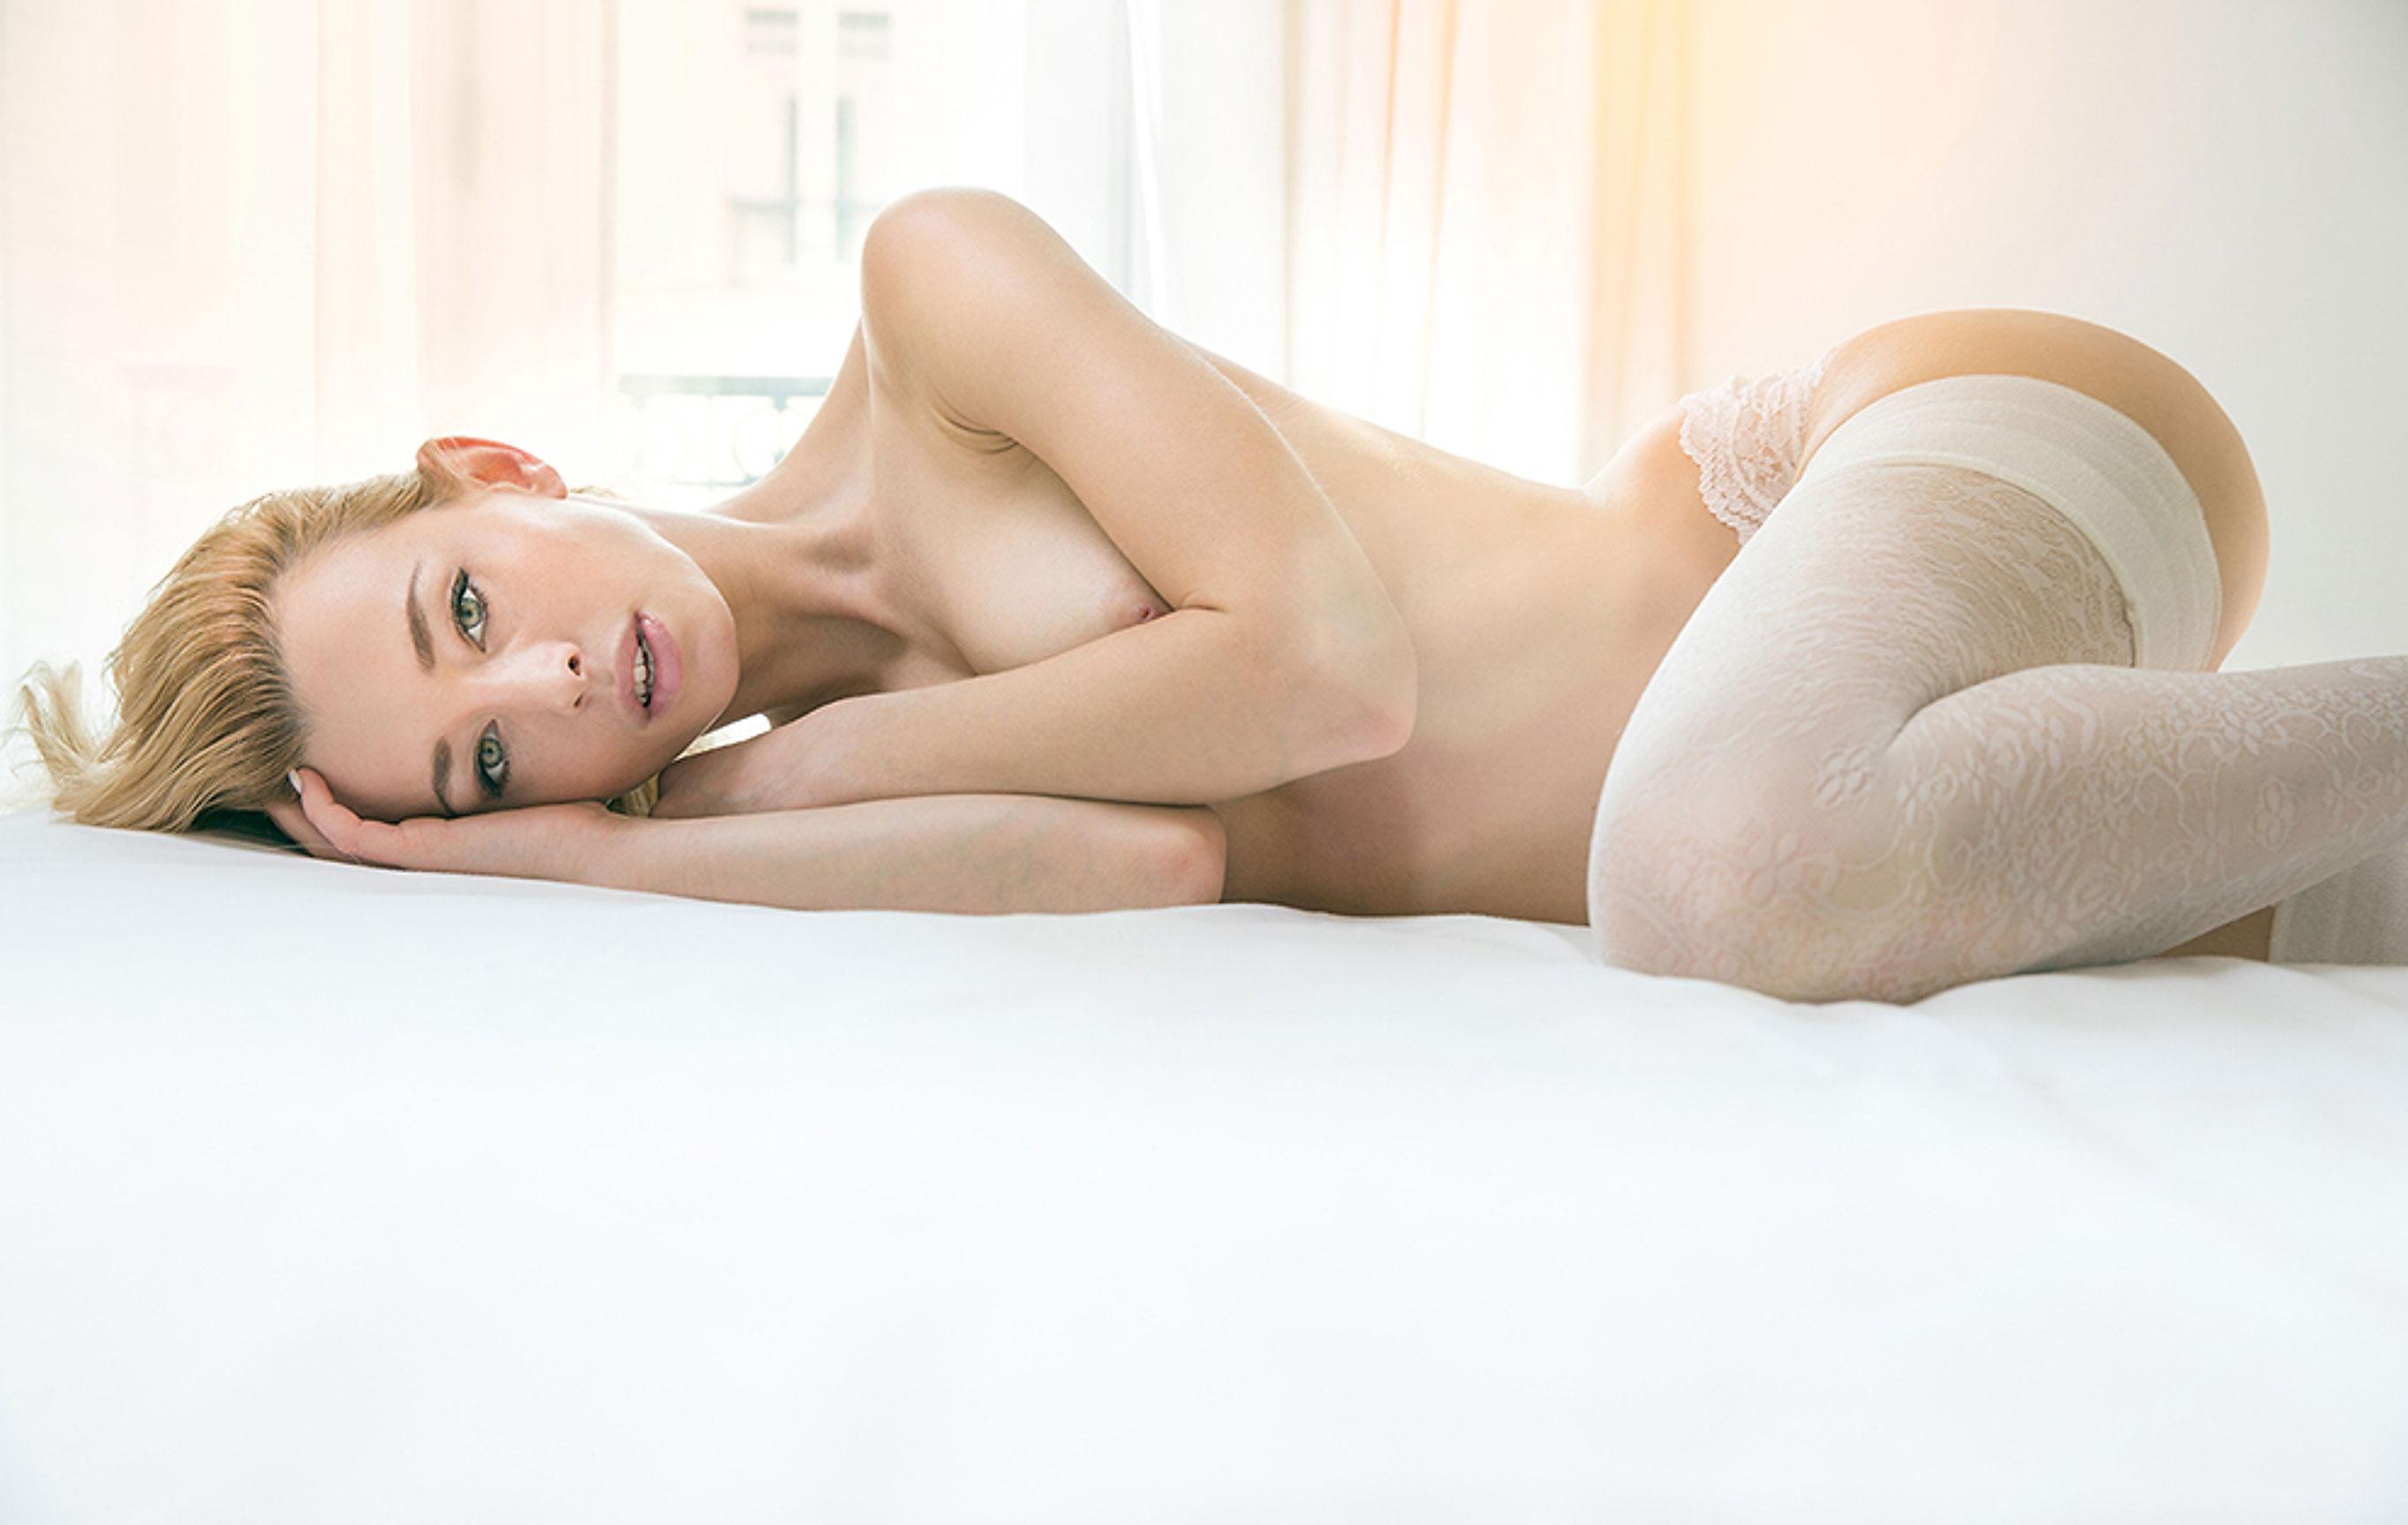 в постели с Доминикой (Coxy) Яндловой / фото 03